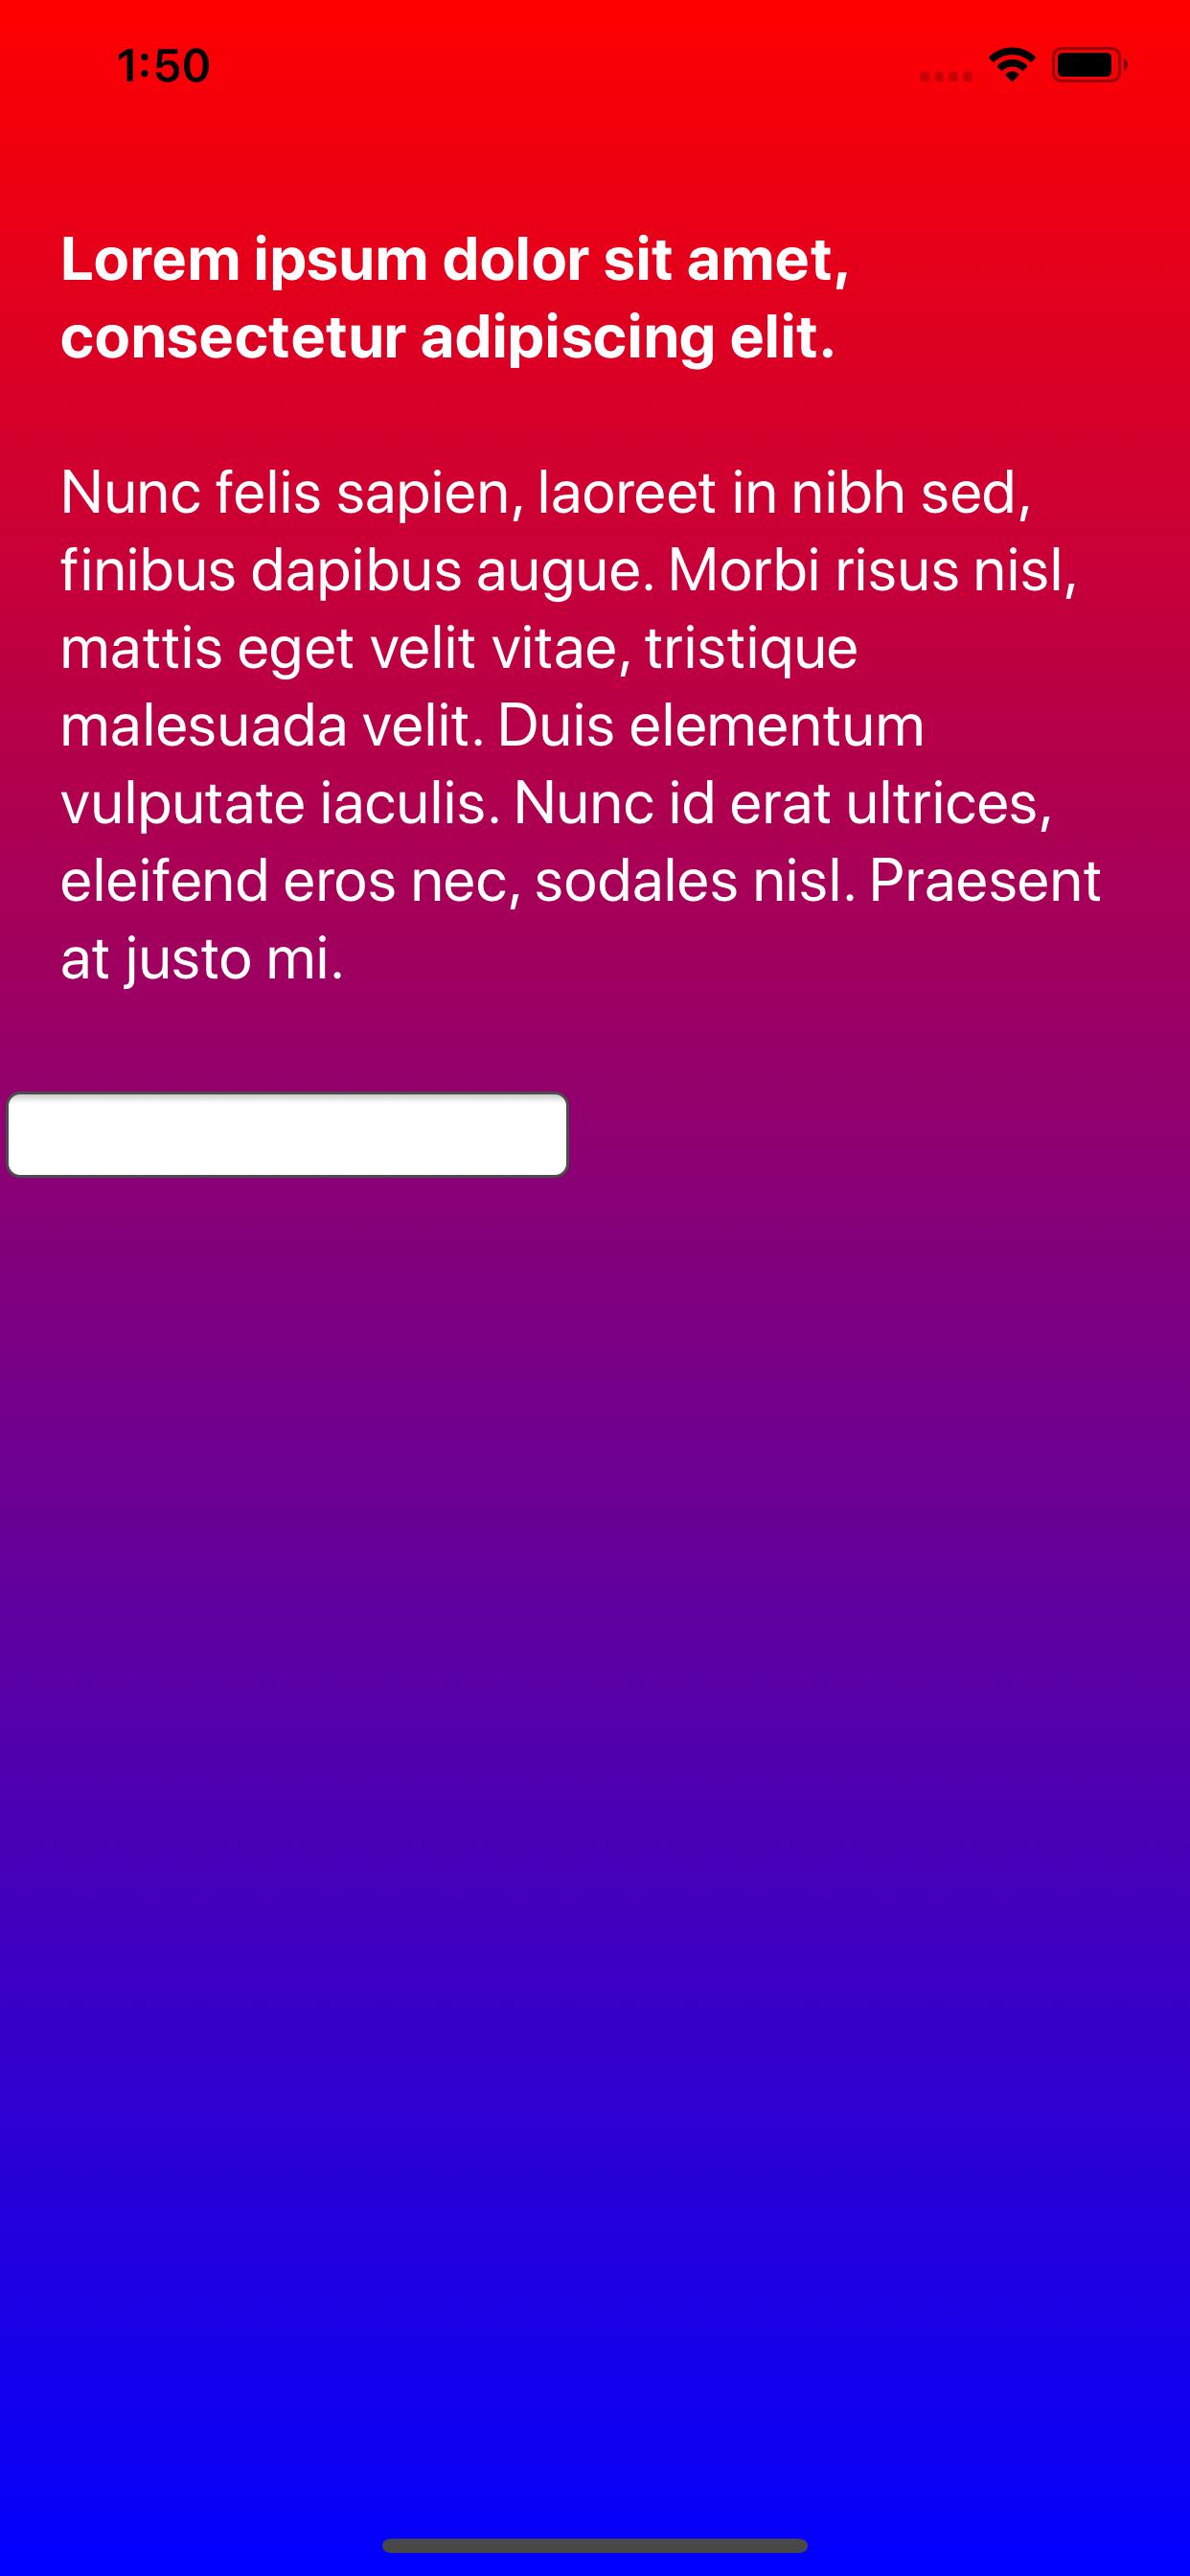 simulator screen shot - iphone xs max - 2018-09-20 at 13 50 44